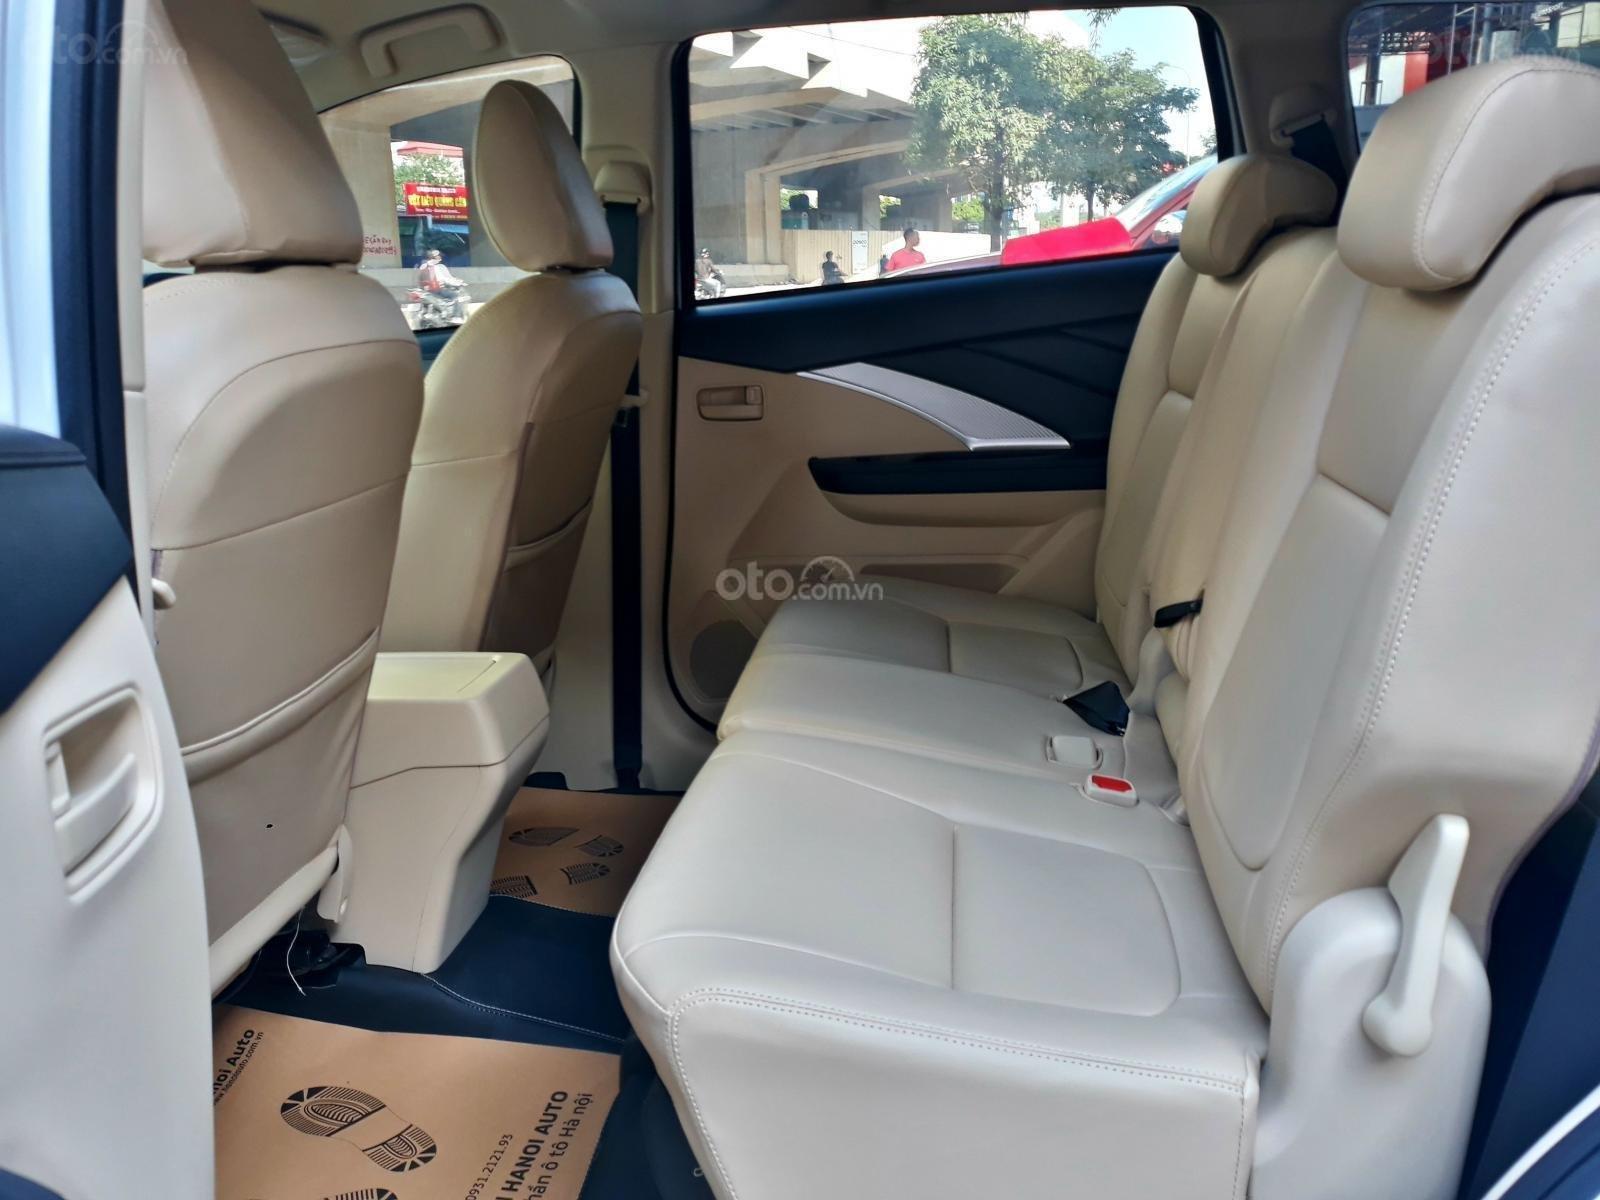 Bán chiếc xe Mitsubishi Xpander 1.5MT, 2019, giá 550tr (6)